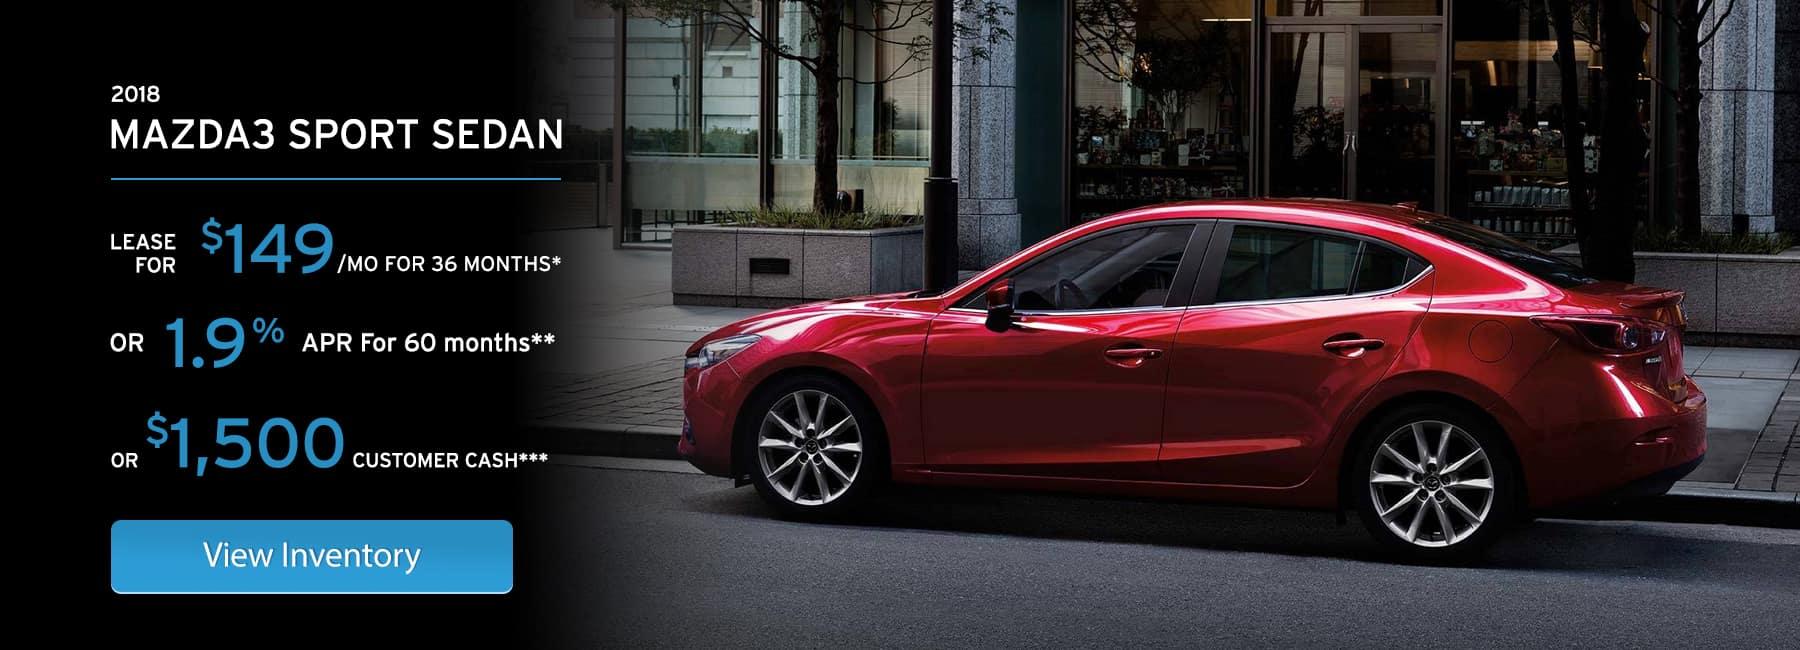 Mazda3 Offer in Elgin, IL